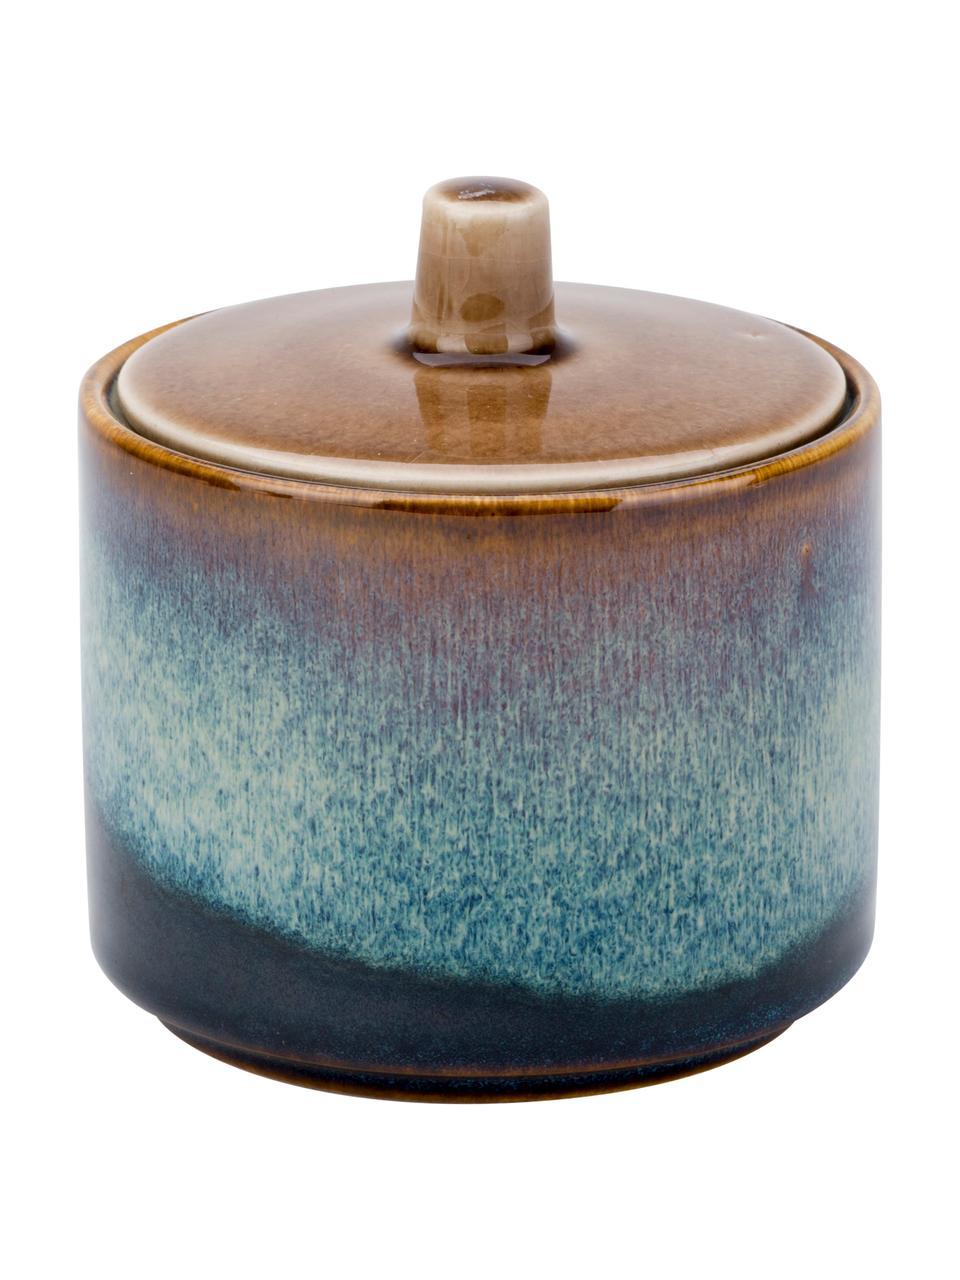 Handgemachte Porzellan Zuckerdose Quintana Blue mit Farbverlauf Blau/Braun, Porzellan, Blau- und Brauntöne, Ø 8 x H 9 cm